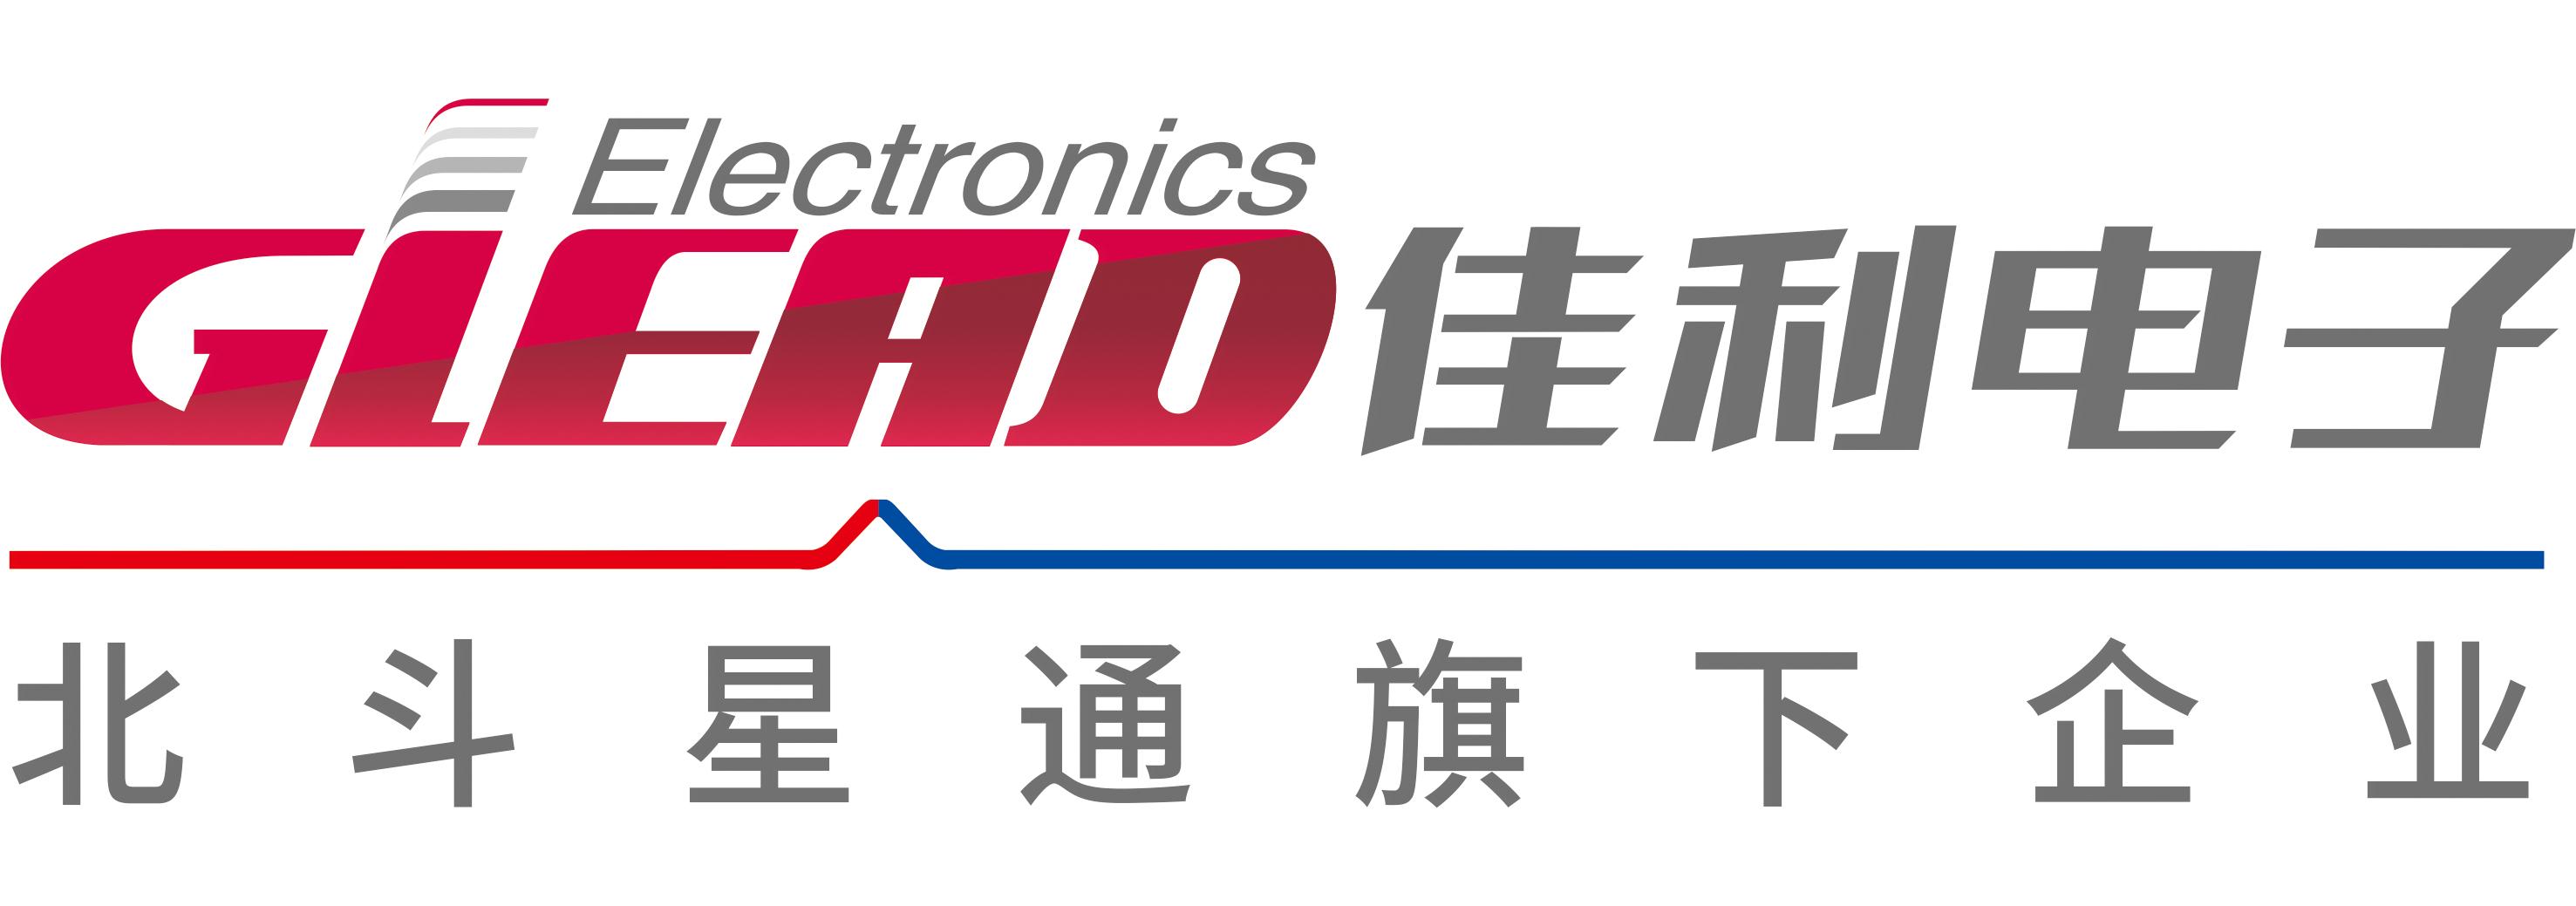 嘉兴佳利电子有限公司-深圳物联网展会